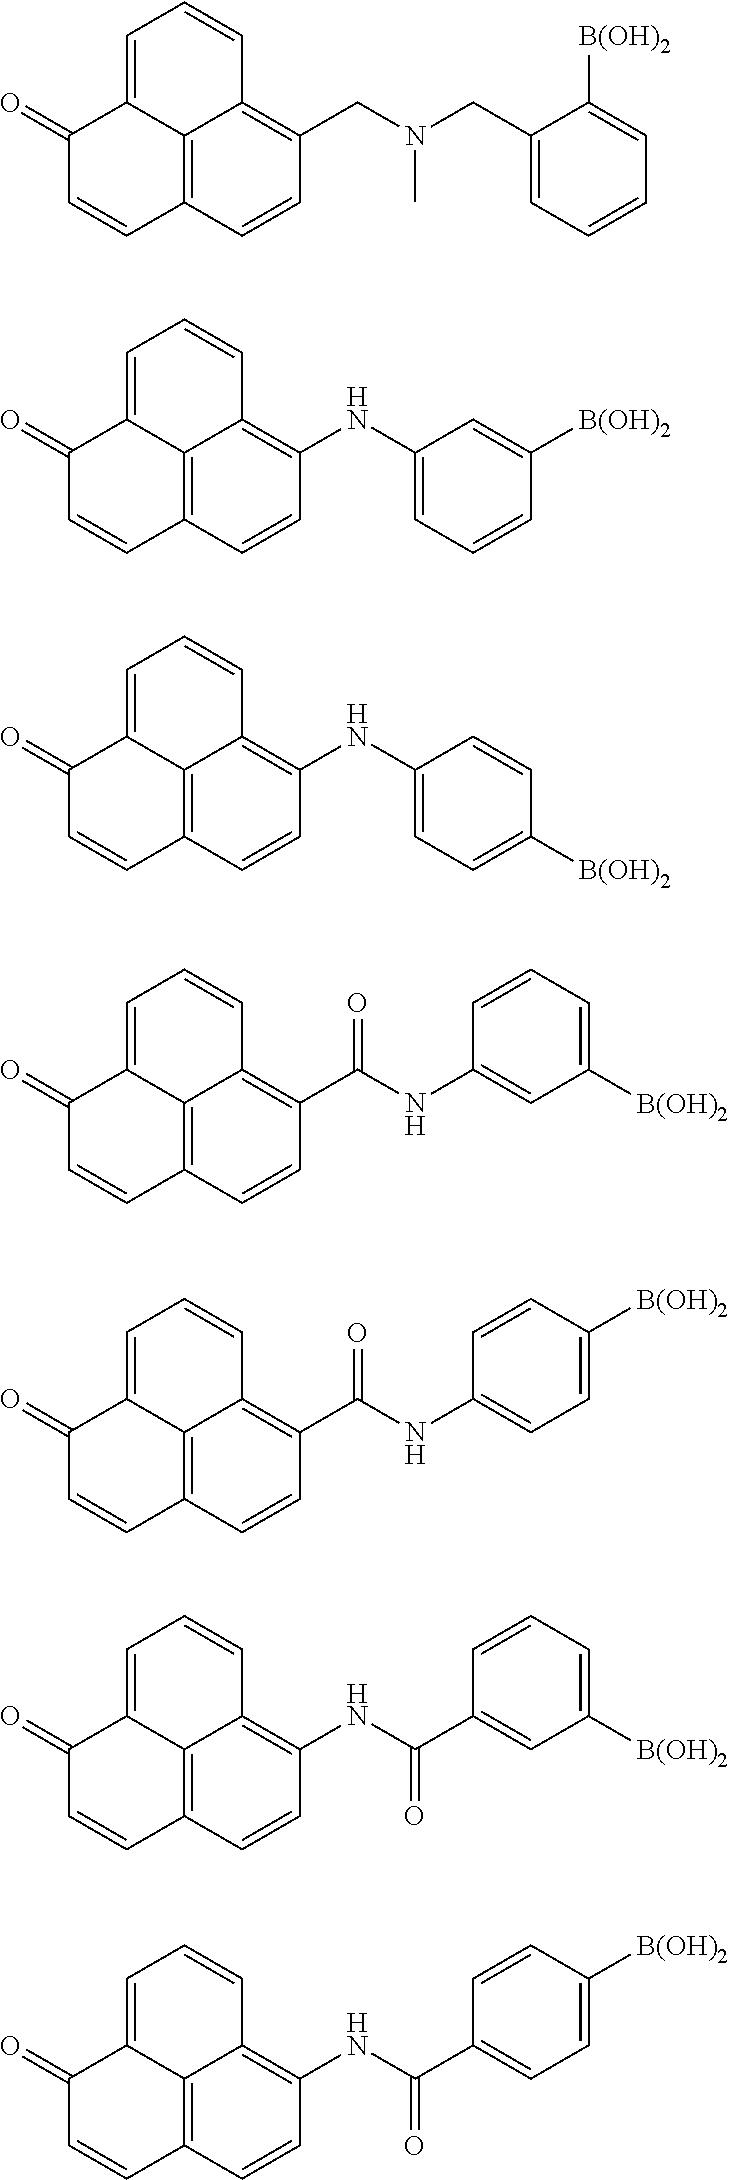 Figure US20140127137A1-20140508-C00028